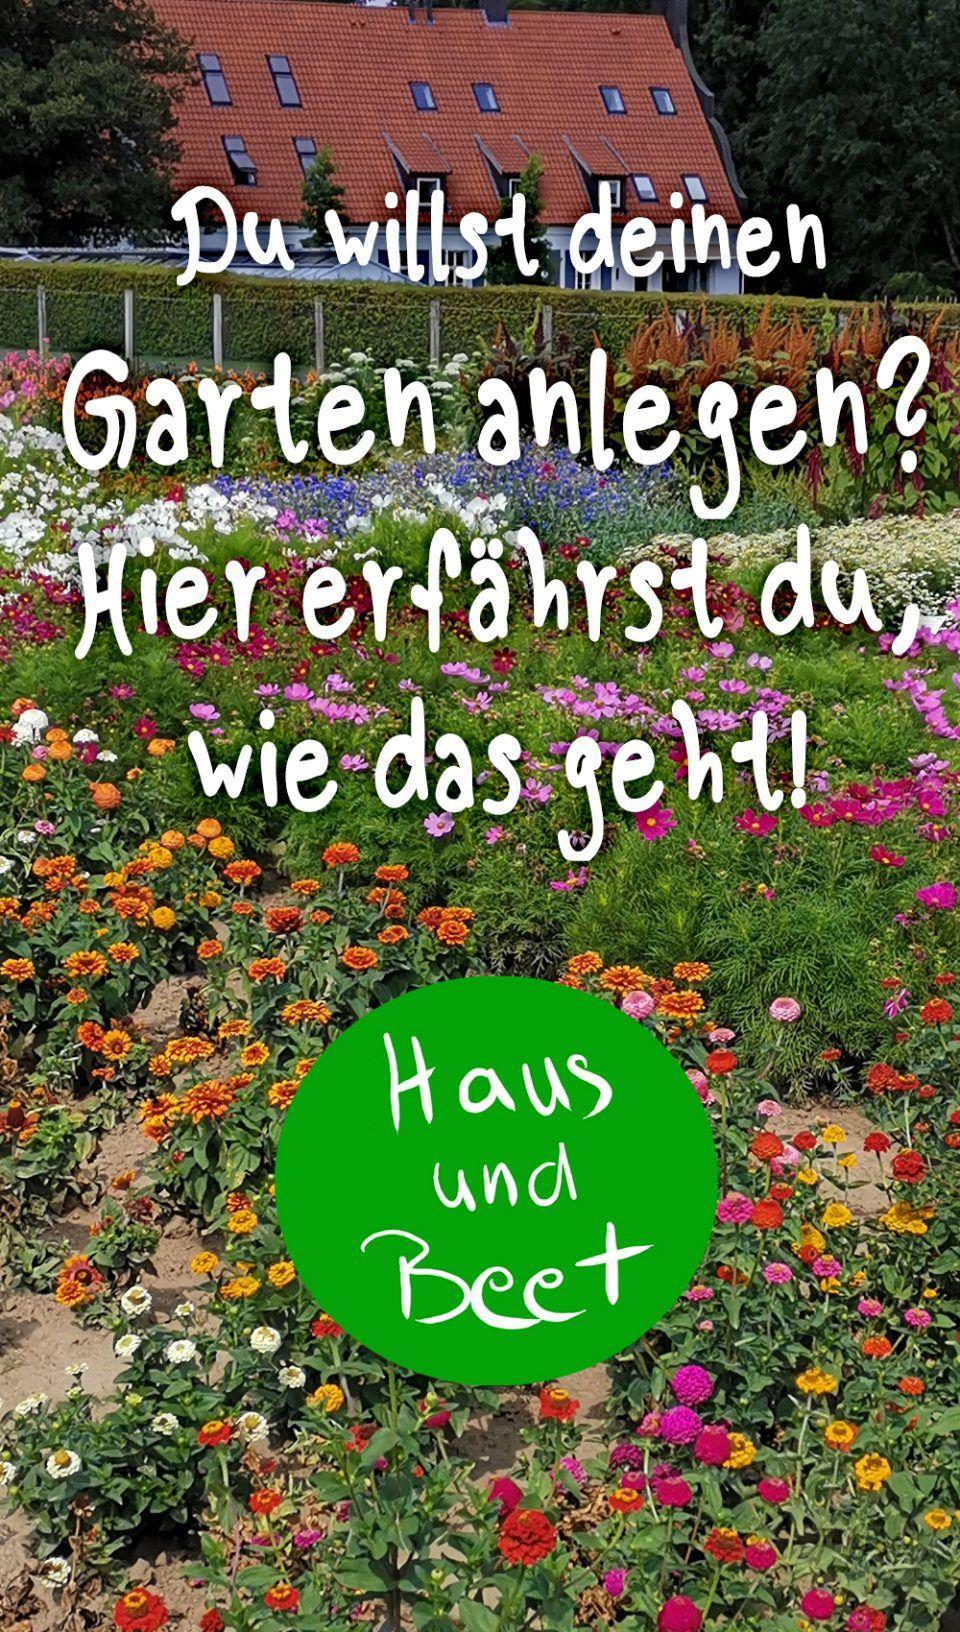 Garten Anlegen Haus Und Beet In 2020 Garten Anlegen Selbstversorger Garten Gemusegarten Anlegen